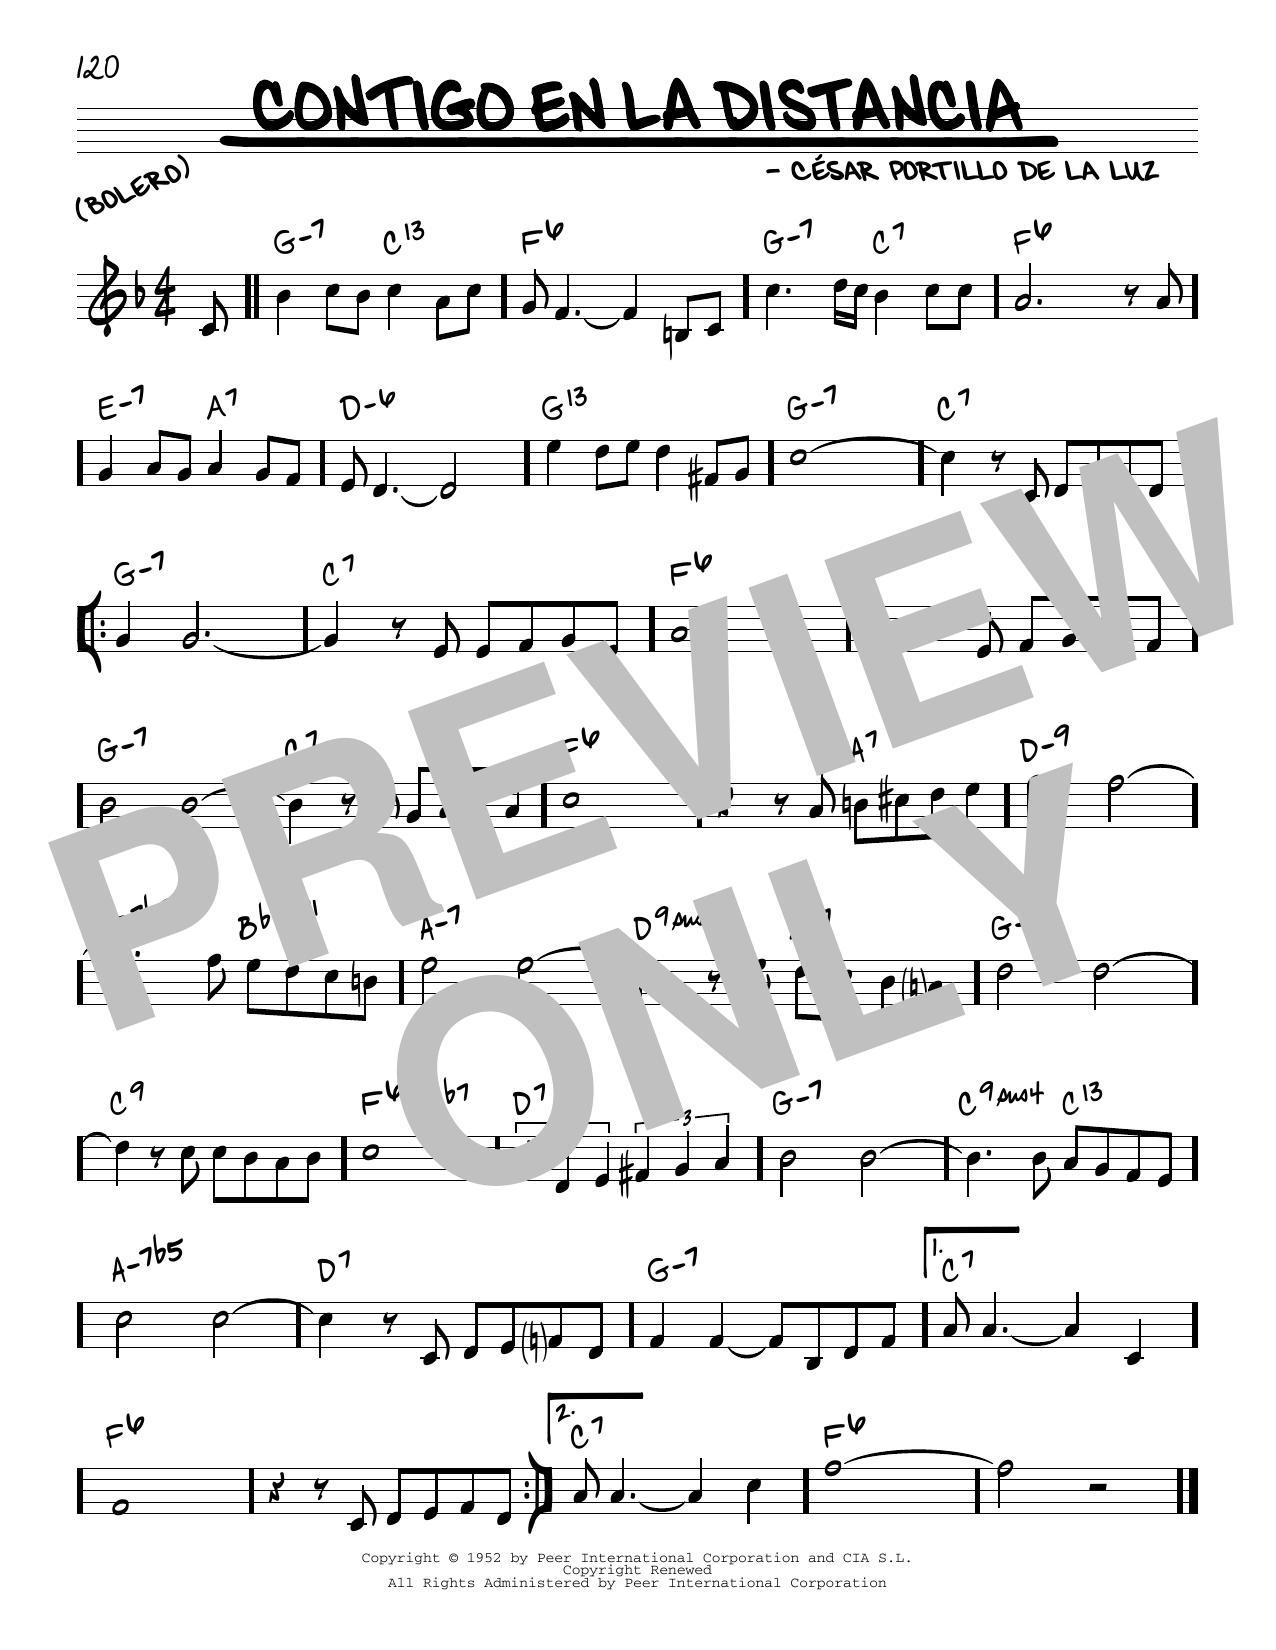 Olga Guillot Contigo En La Distancia sheet music notes and chords. Download Printable PDF.